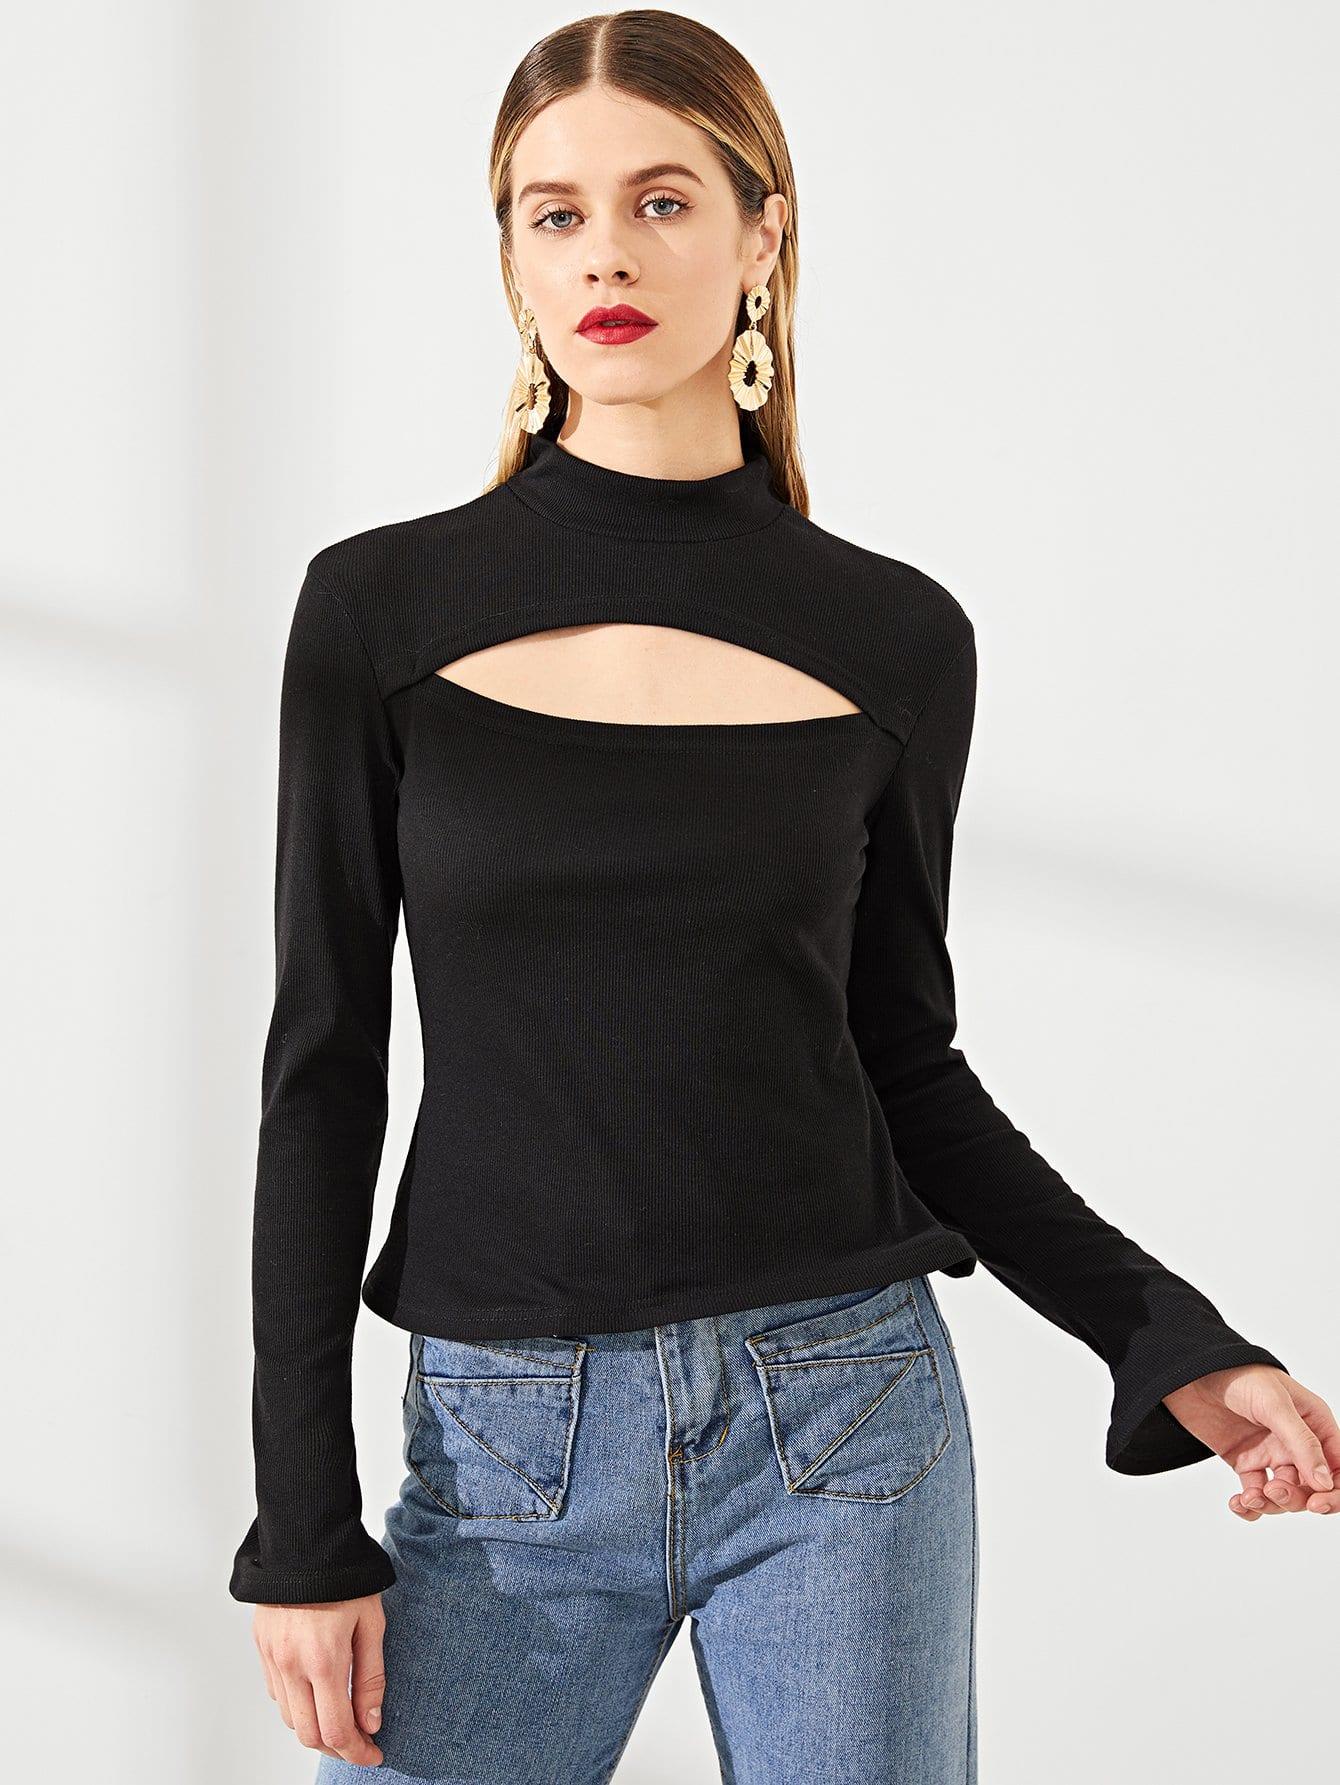 Купить Открытой передней футболка с ложным воротником, Victoriab, SheIn